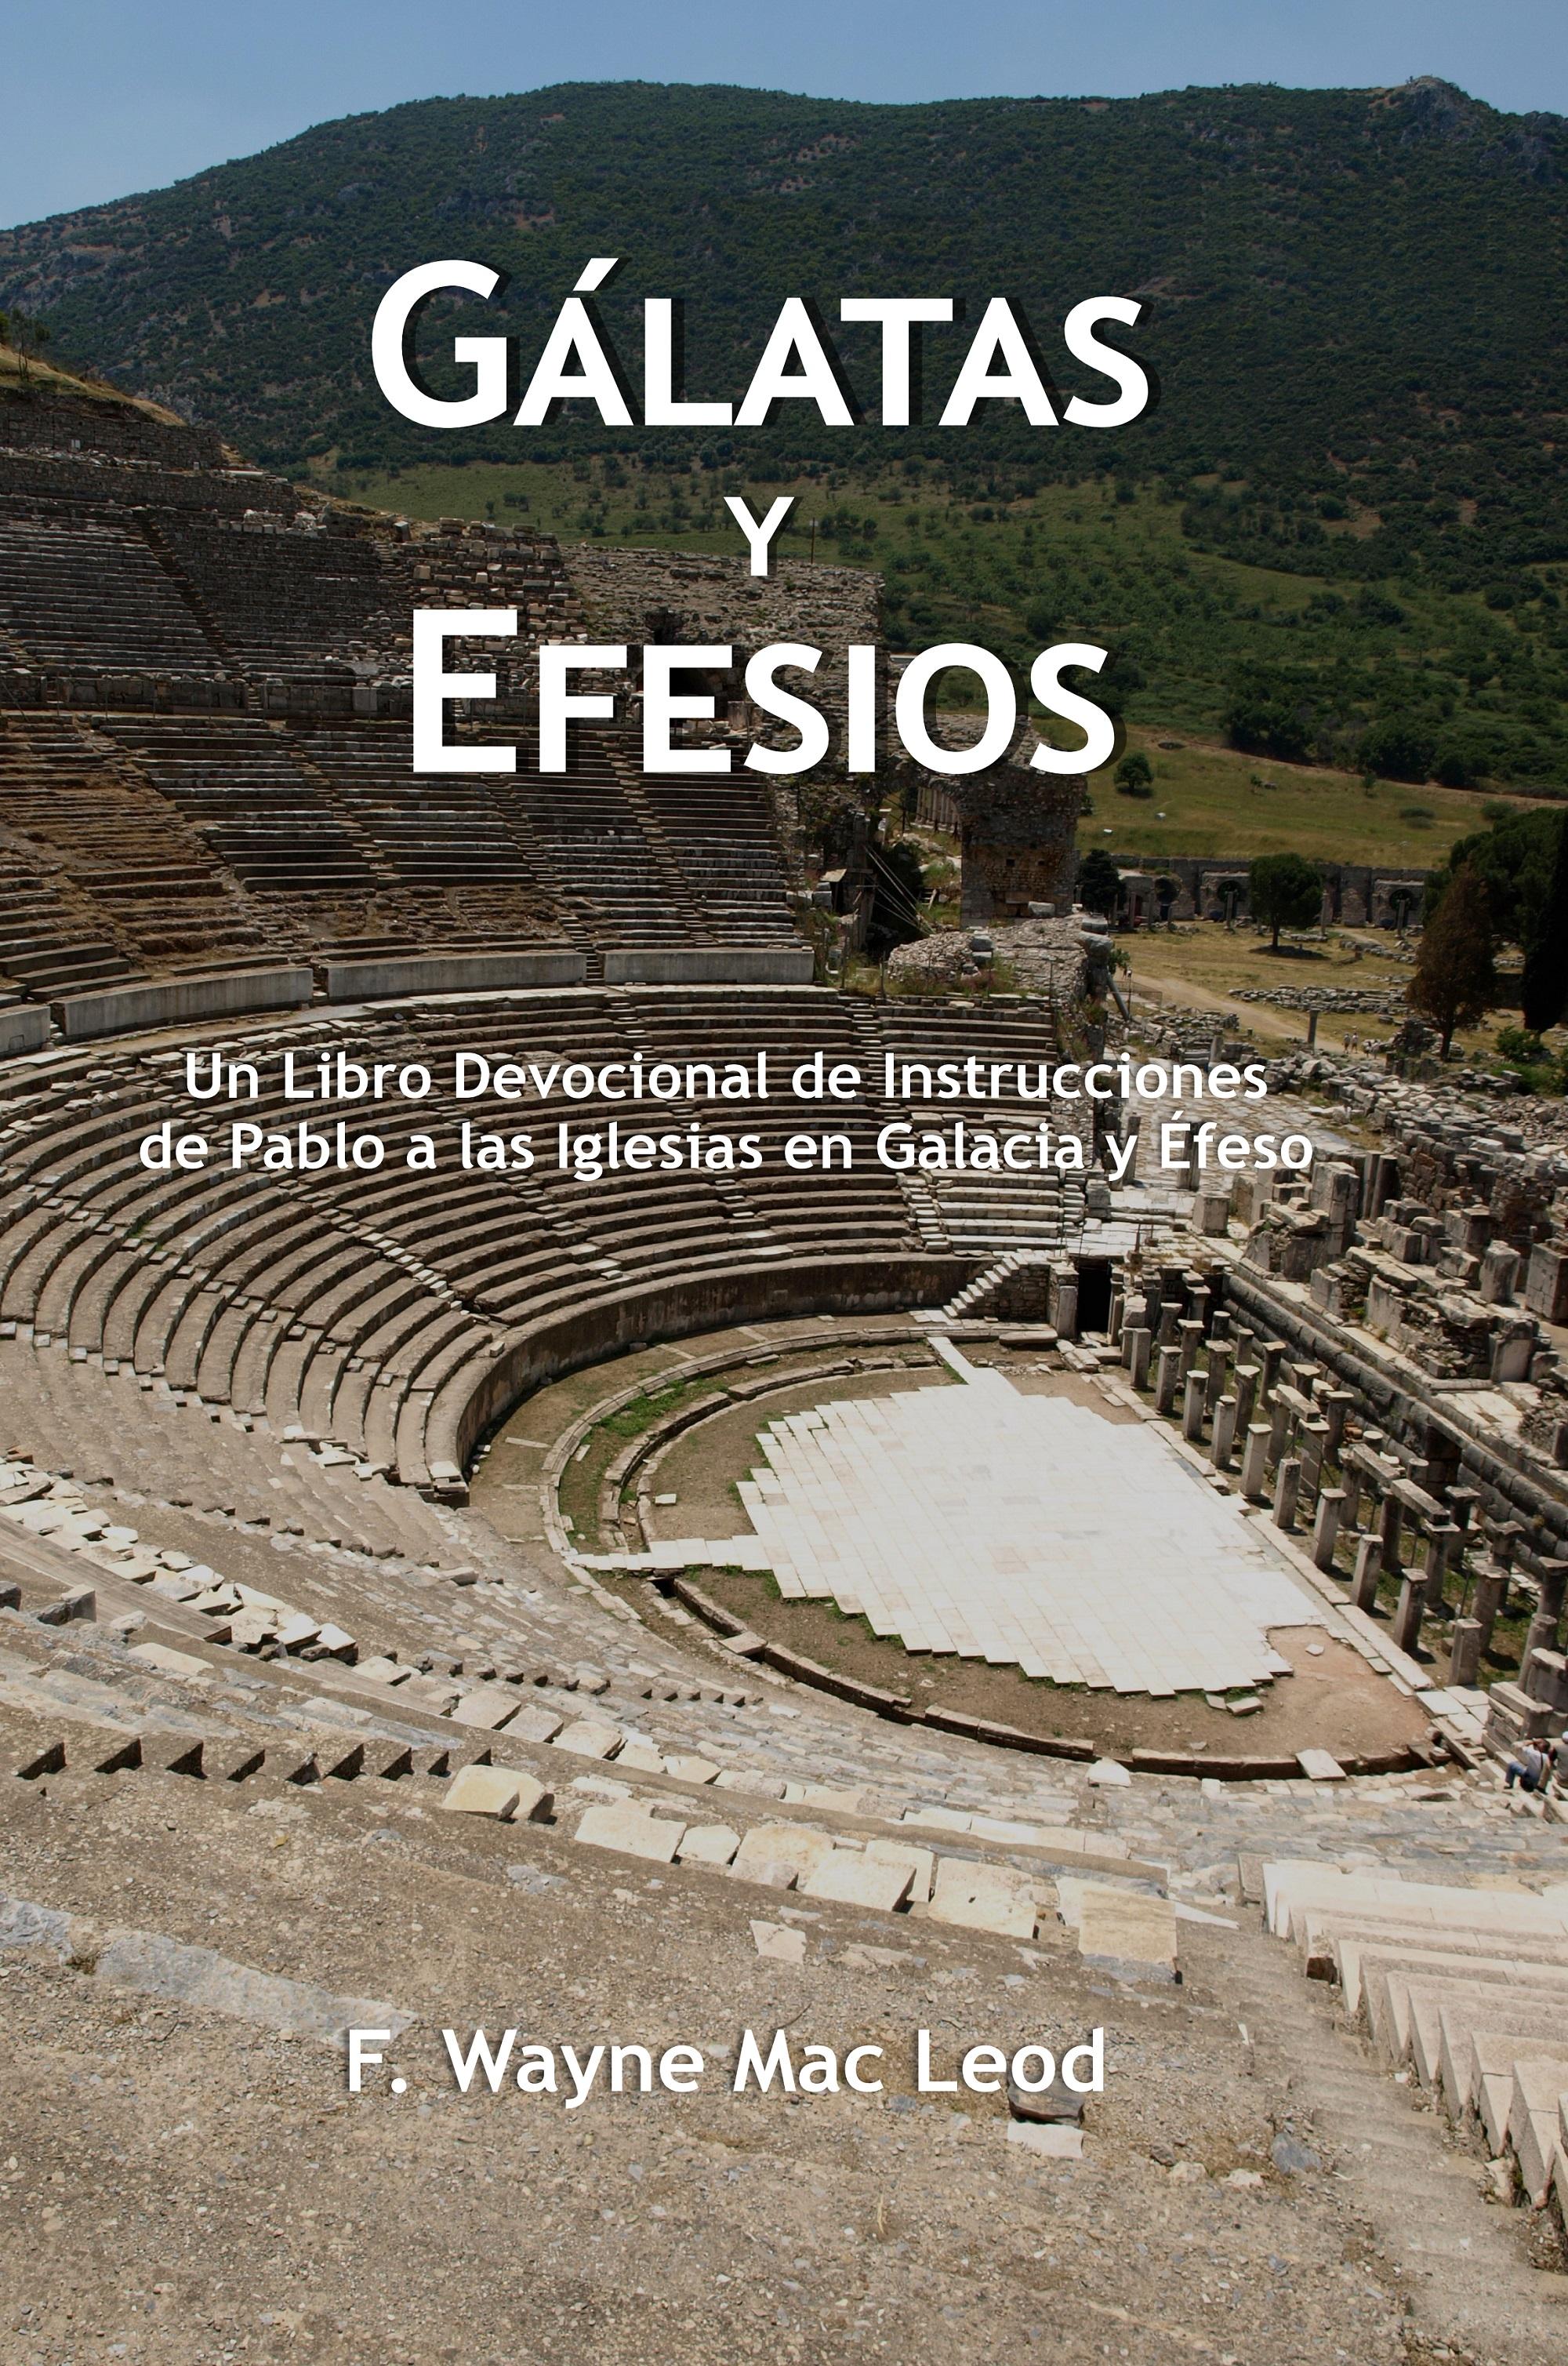 Gálatas y Efesios, an Ebook by F  Wayne Mac Leod